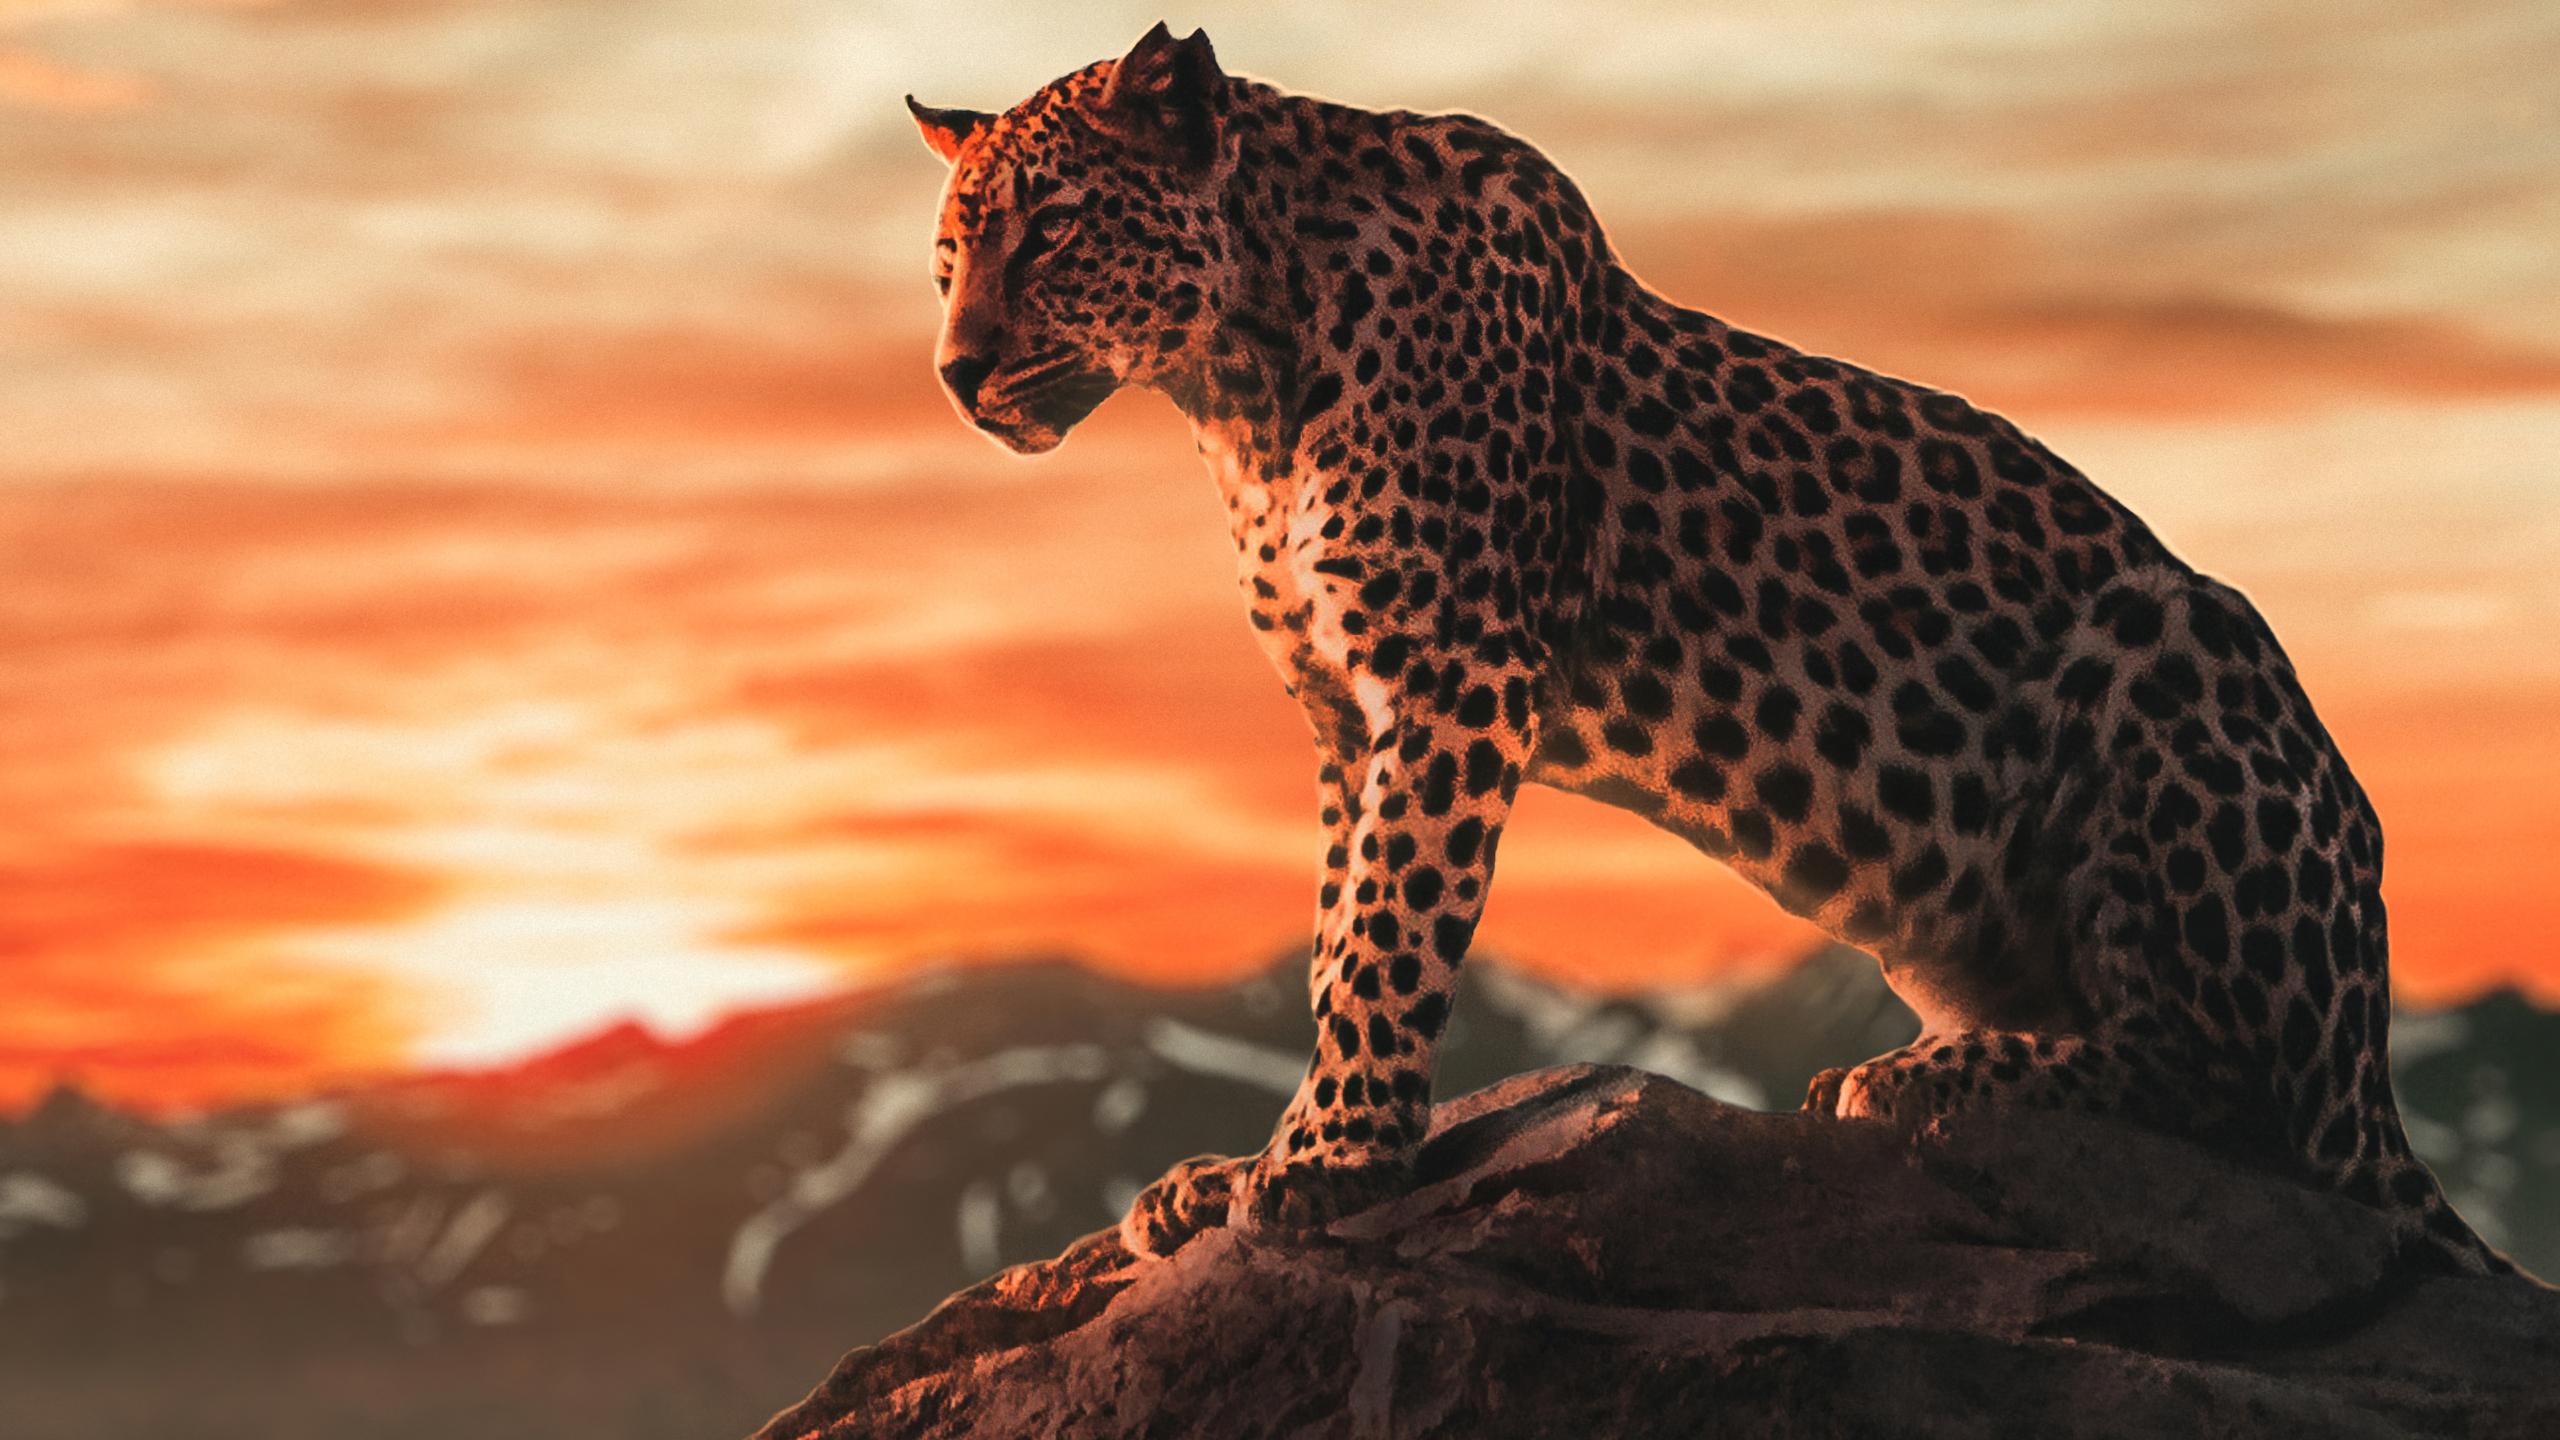 Cheetah Wallpaper For Cheetahs Fans